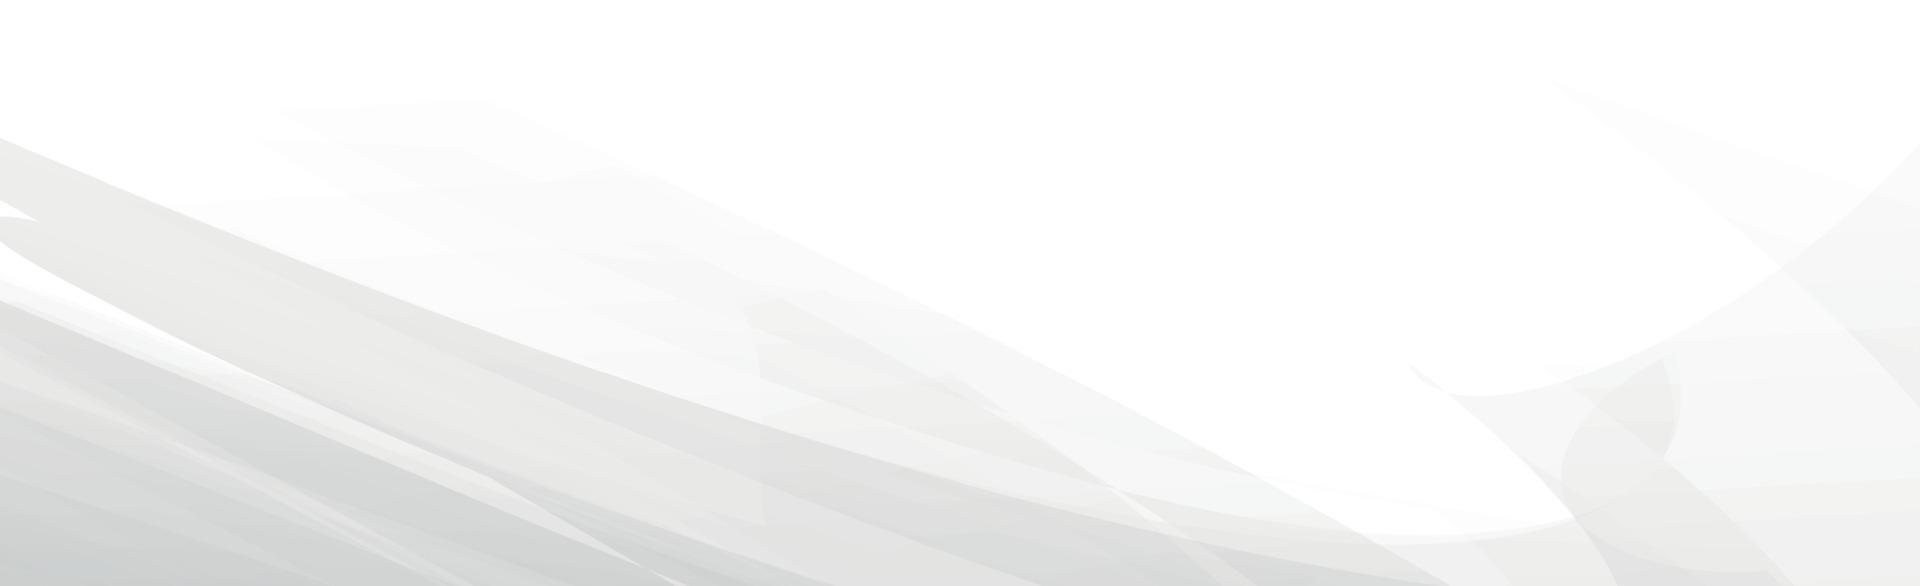 abstrakte graue Linien auf weißem Hintergrund - Vektor